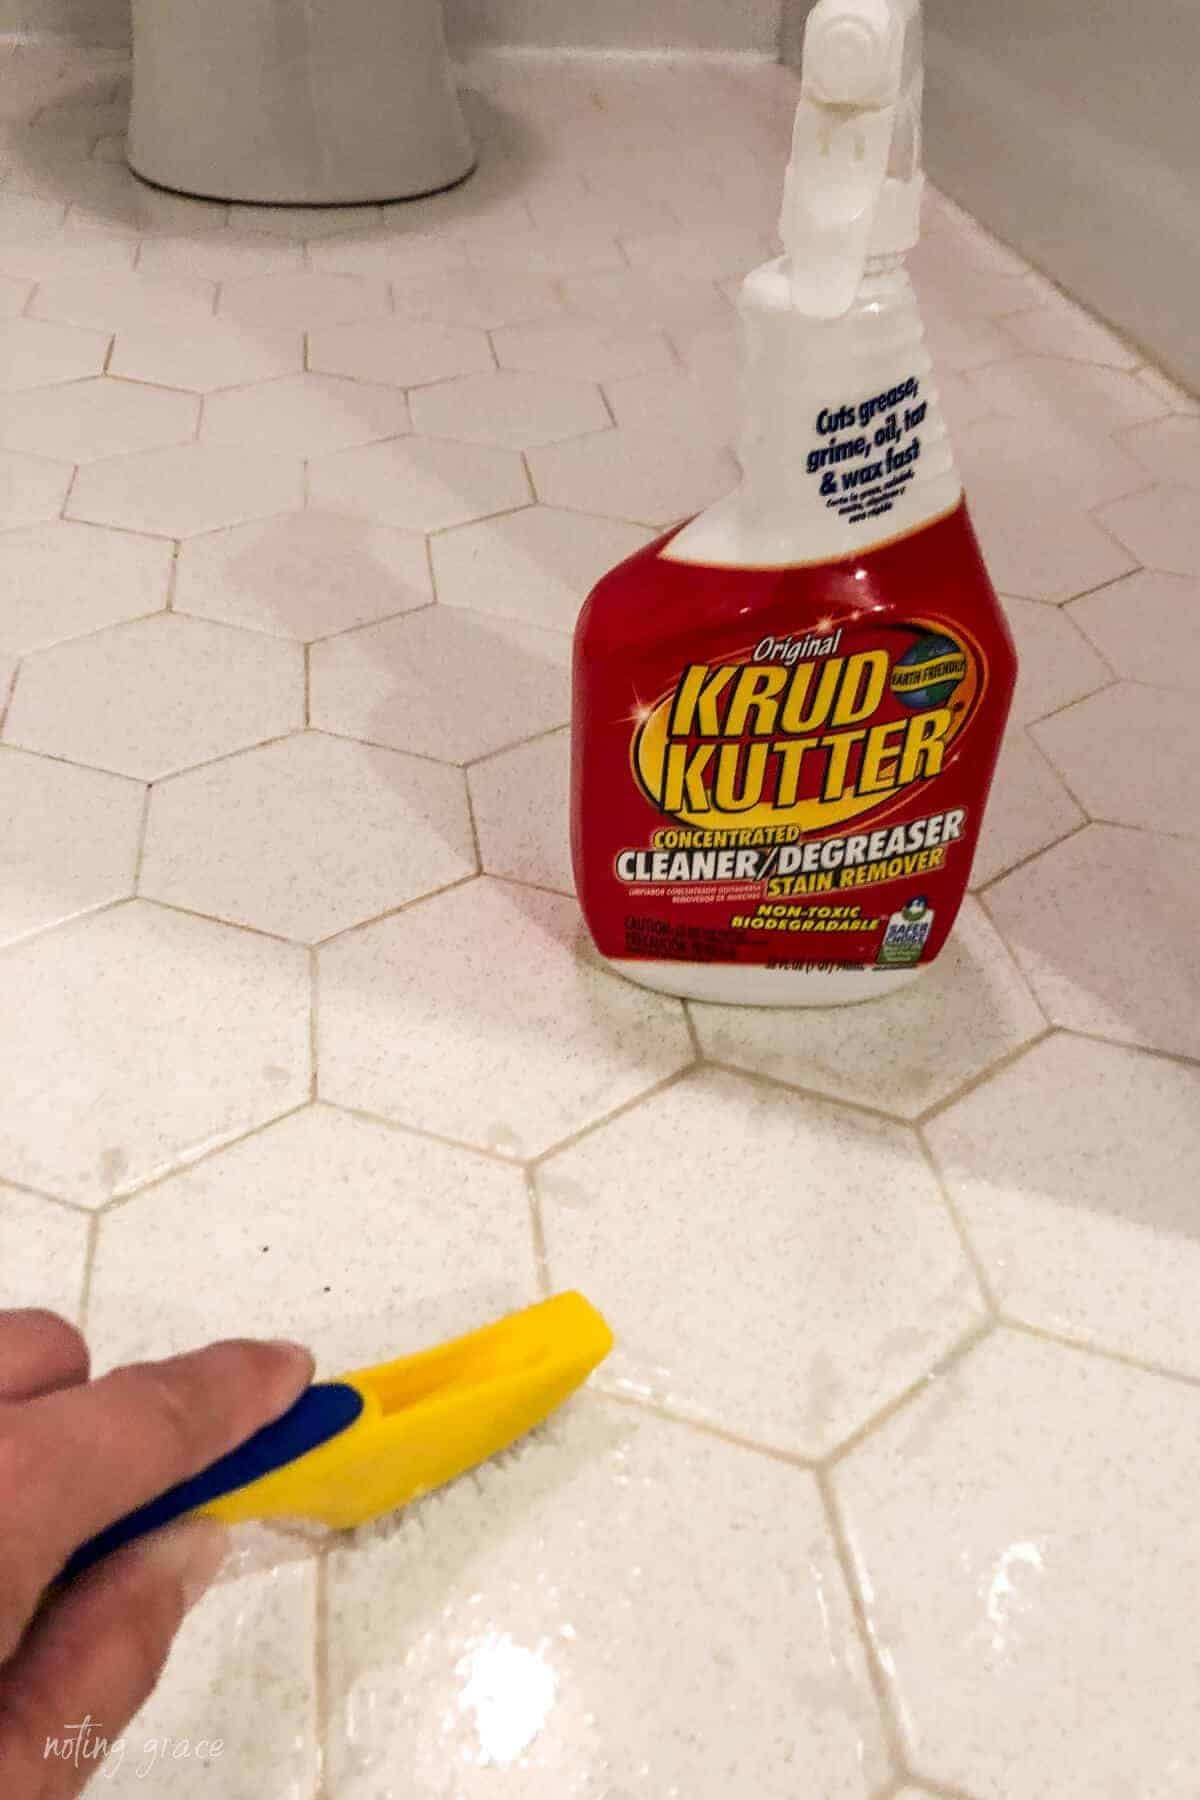 scrubbing hexagon floor tile grout using Krud Kutter cleaner and scrub brush